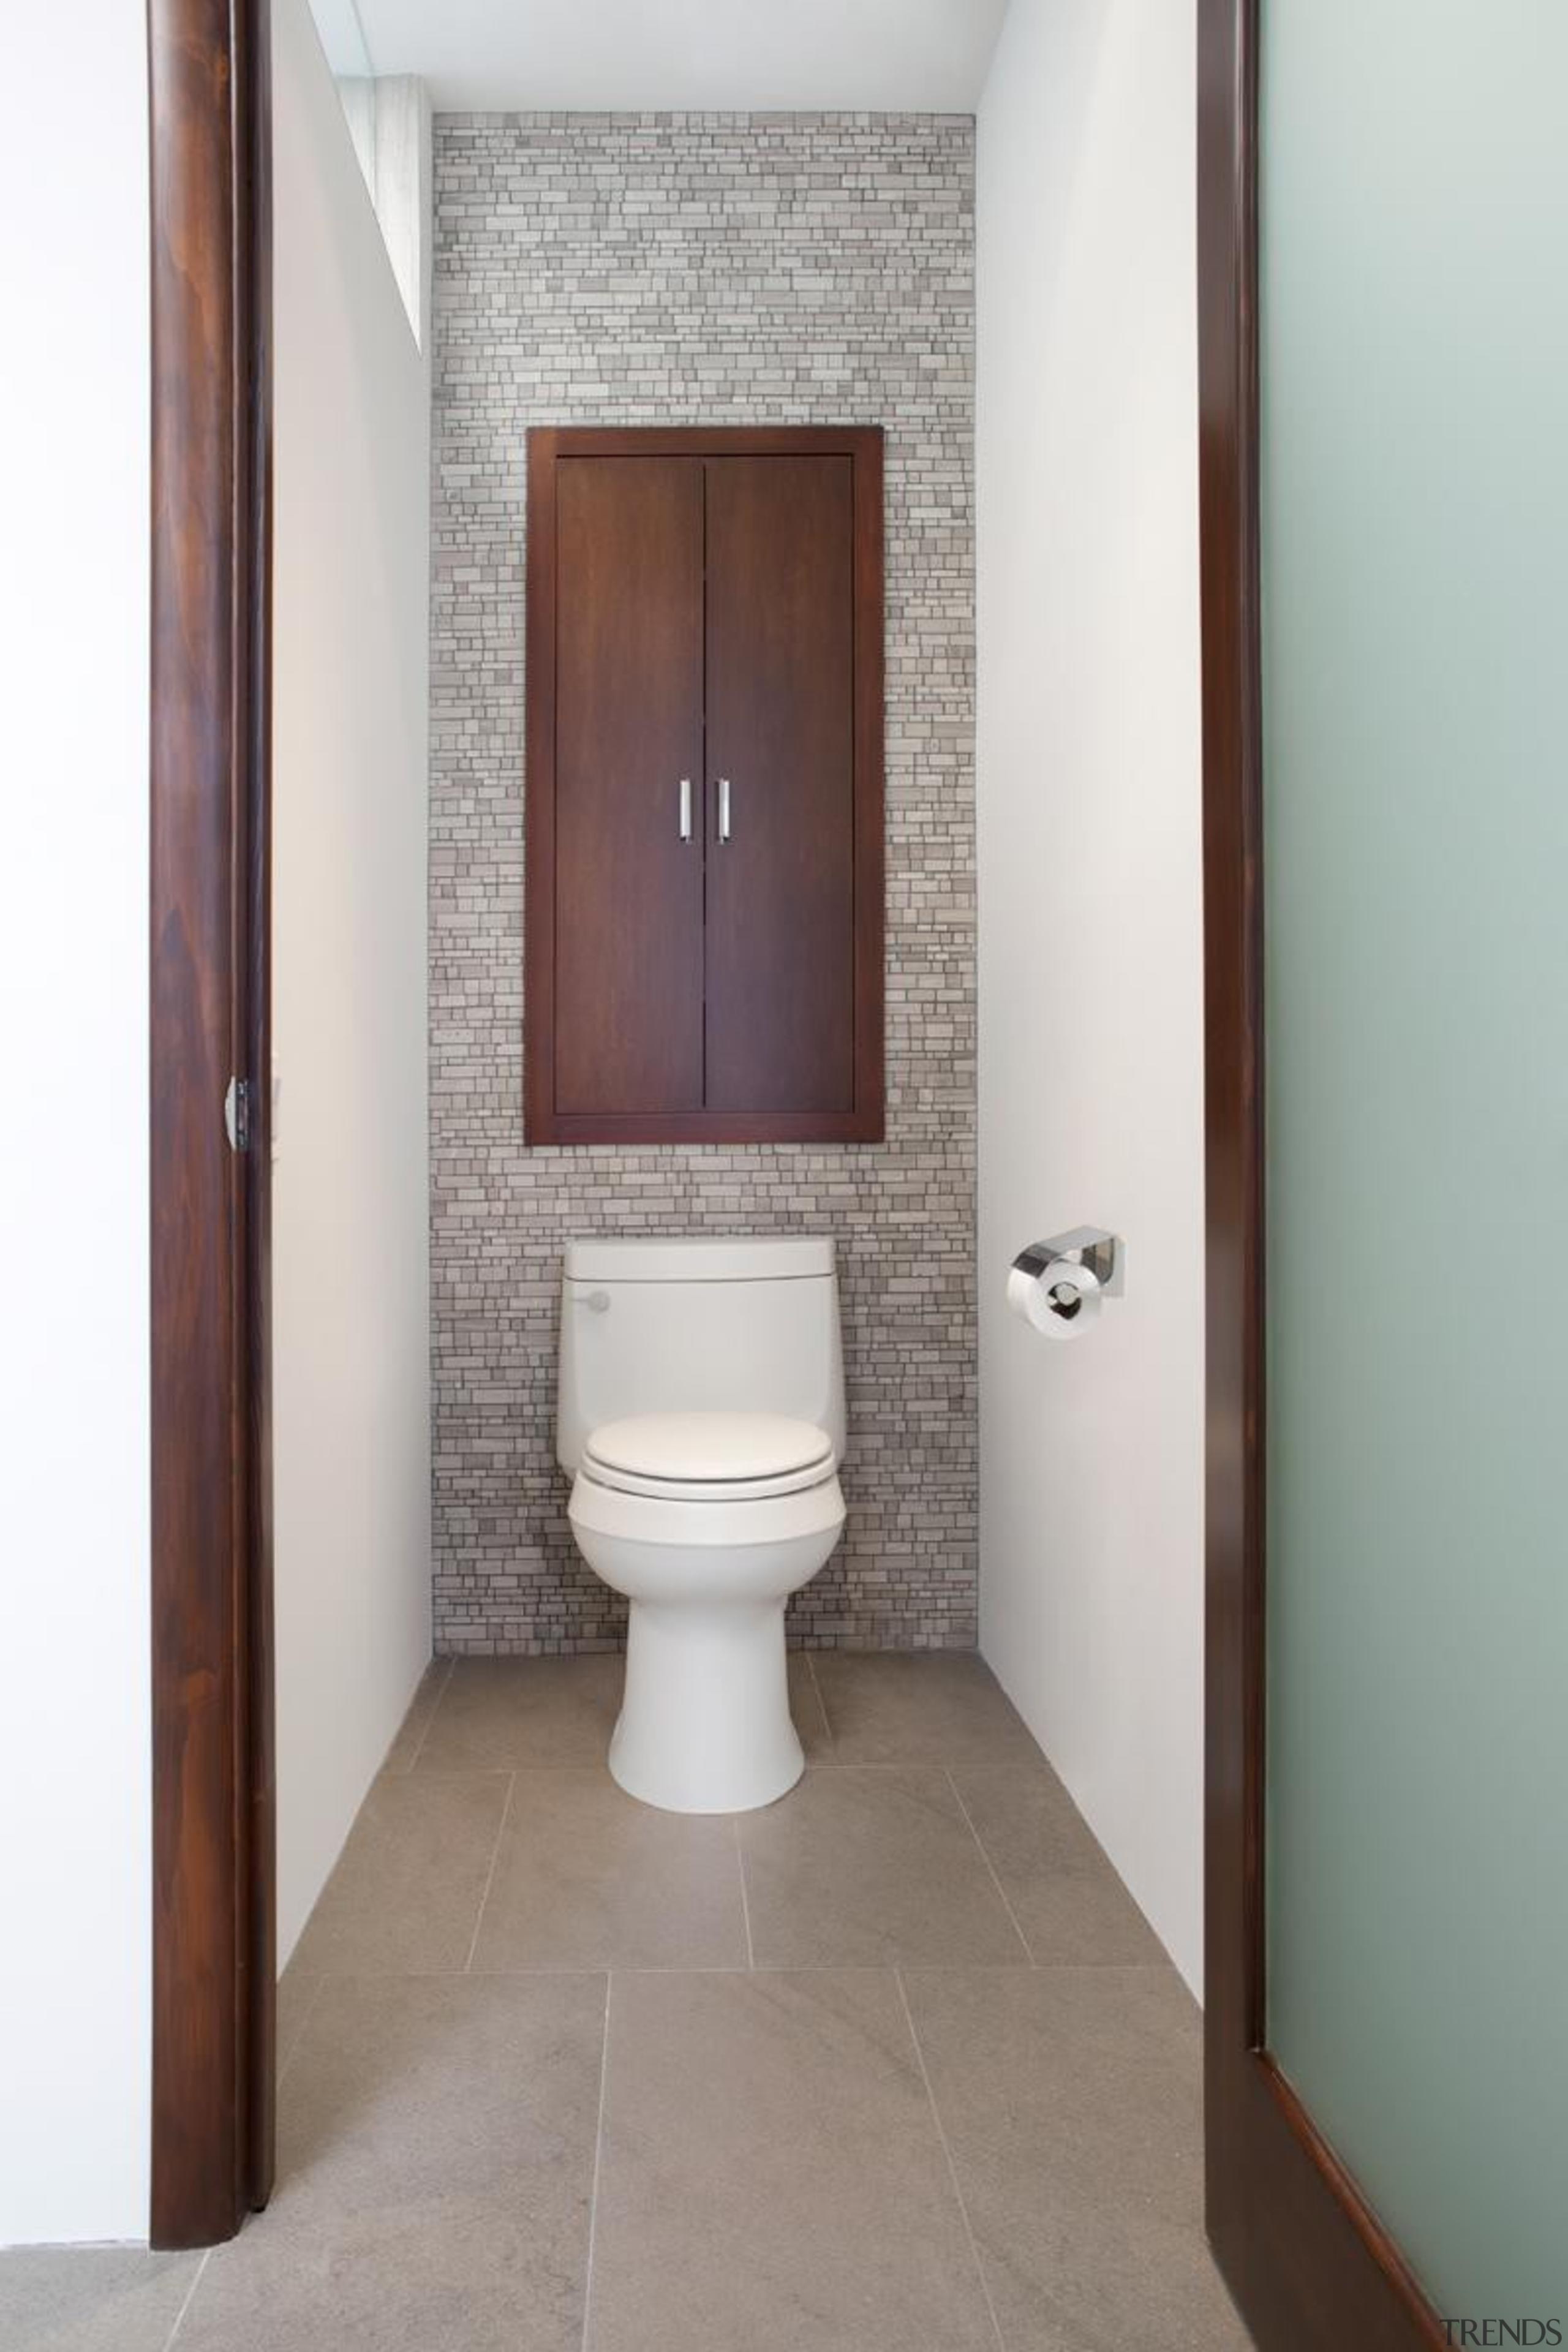 Tollet Room - Tollet Room - bathroom   bathroom, bathroom accessory, floor, plumbing fixture, room, toilet, gray